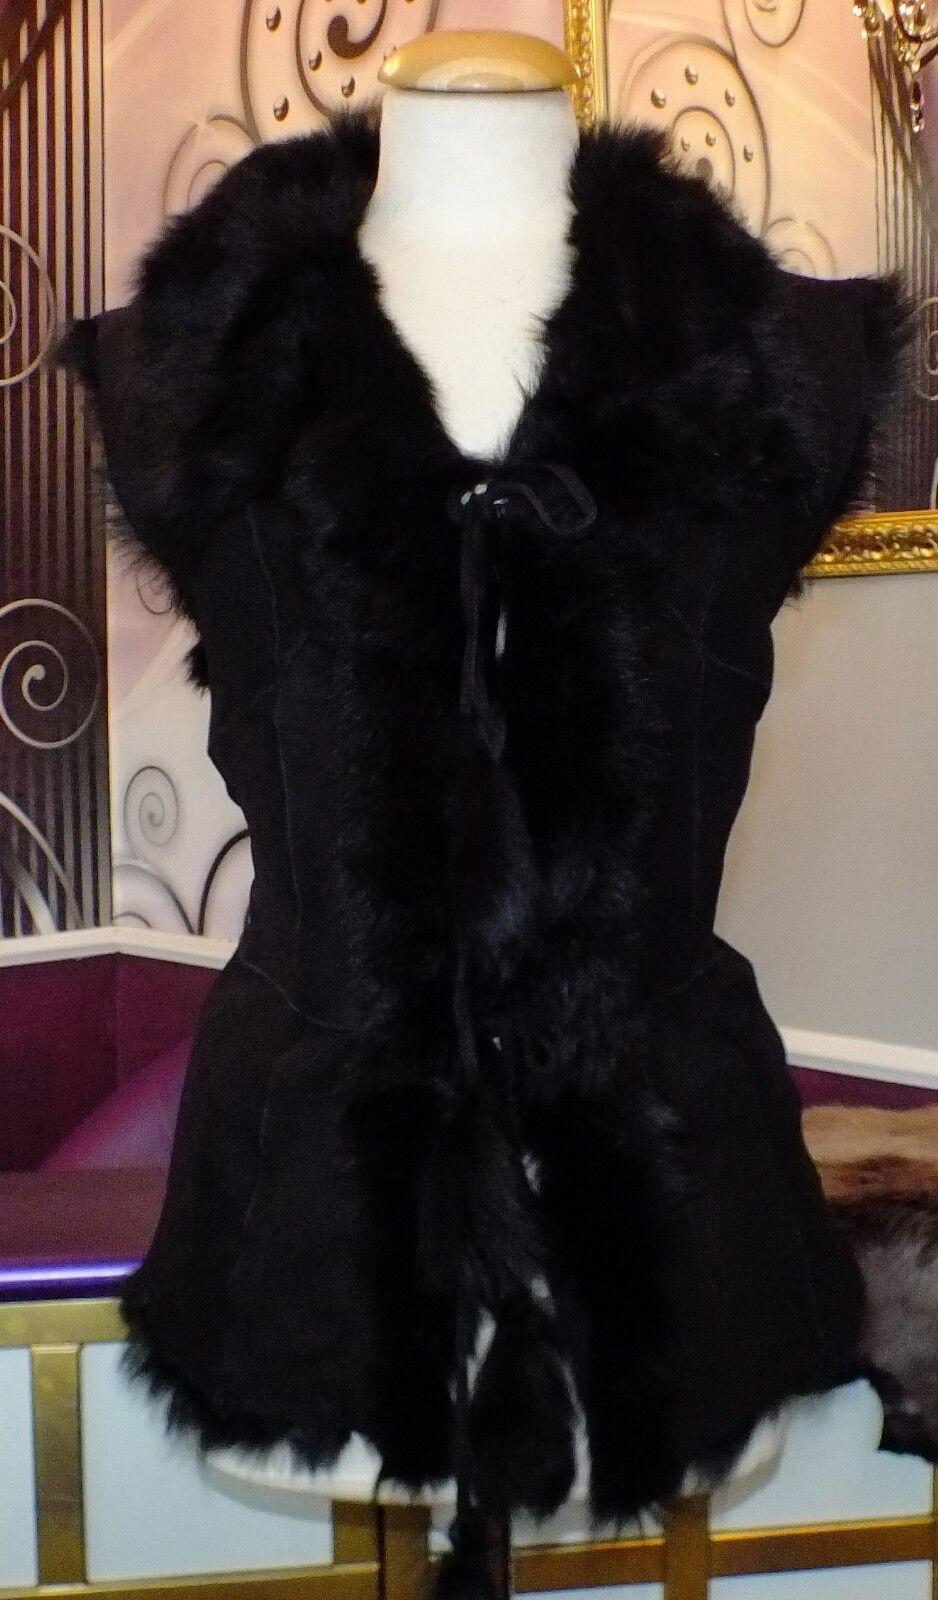 Luxus Designer Designer Designer Damen  Lammfellweste mit echtem Toskana Fell  Gr 36, Gr.38 40 NEU   | Angemessene Lieferung und pünktliche Lieferung  | Günstigen Preis  | Rabatt  | Erste Klasse in seiner Klasse  | Sehr gute Qualität  51872b